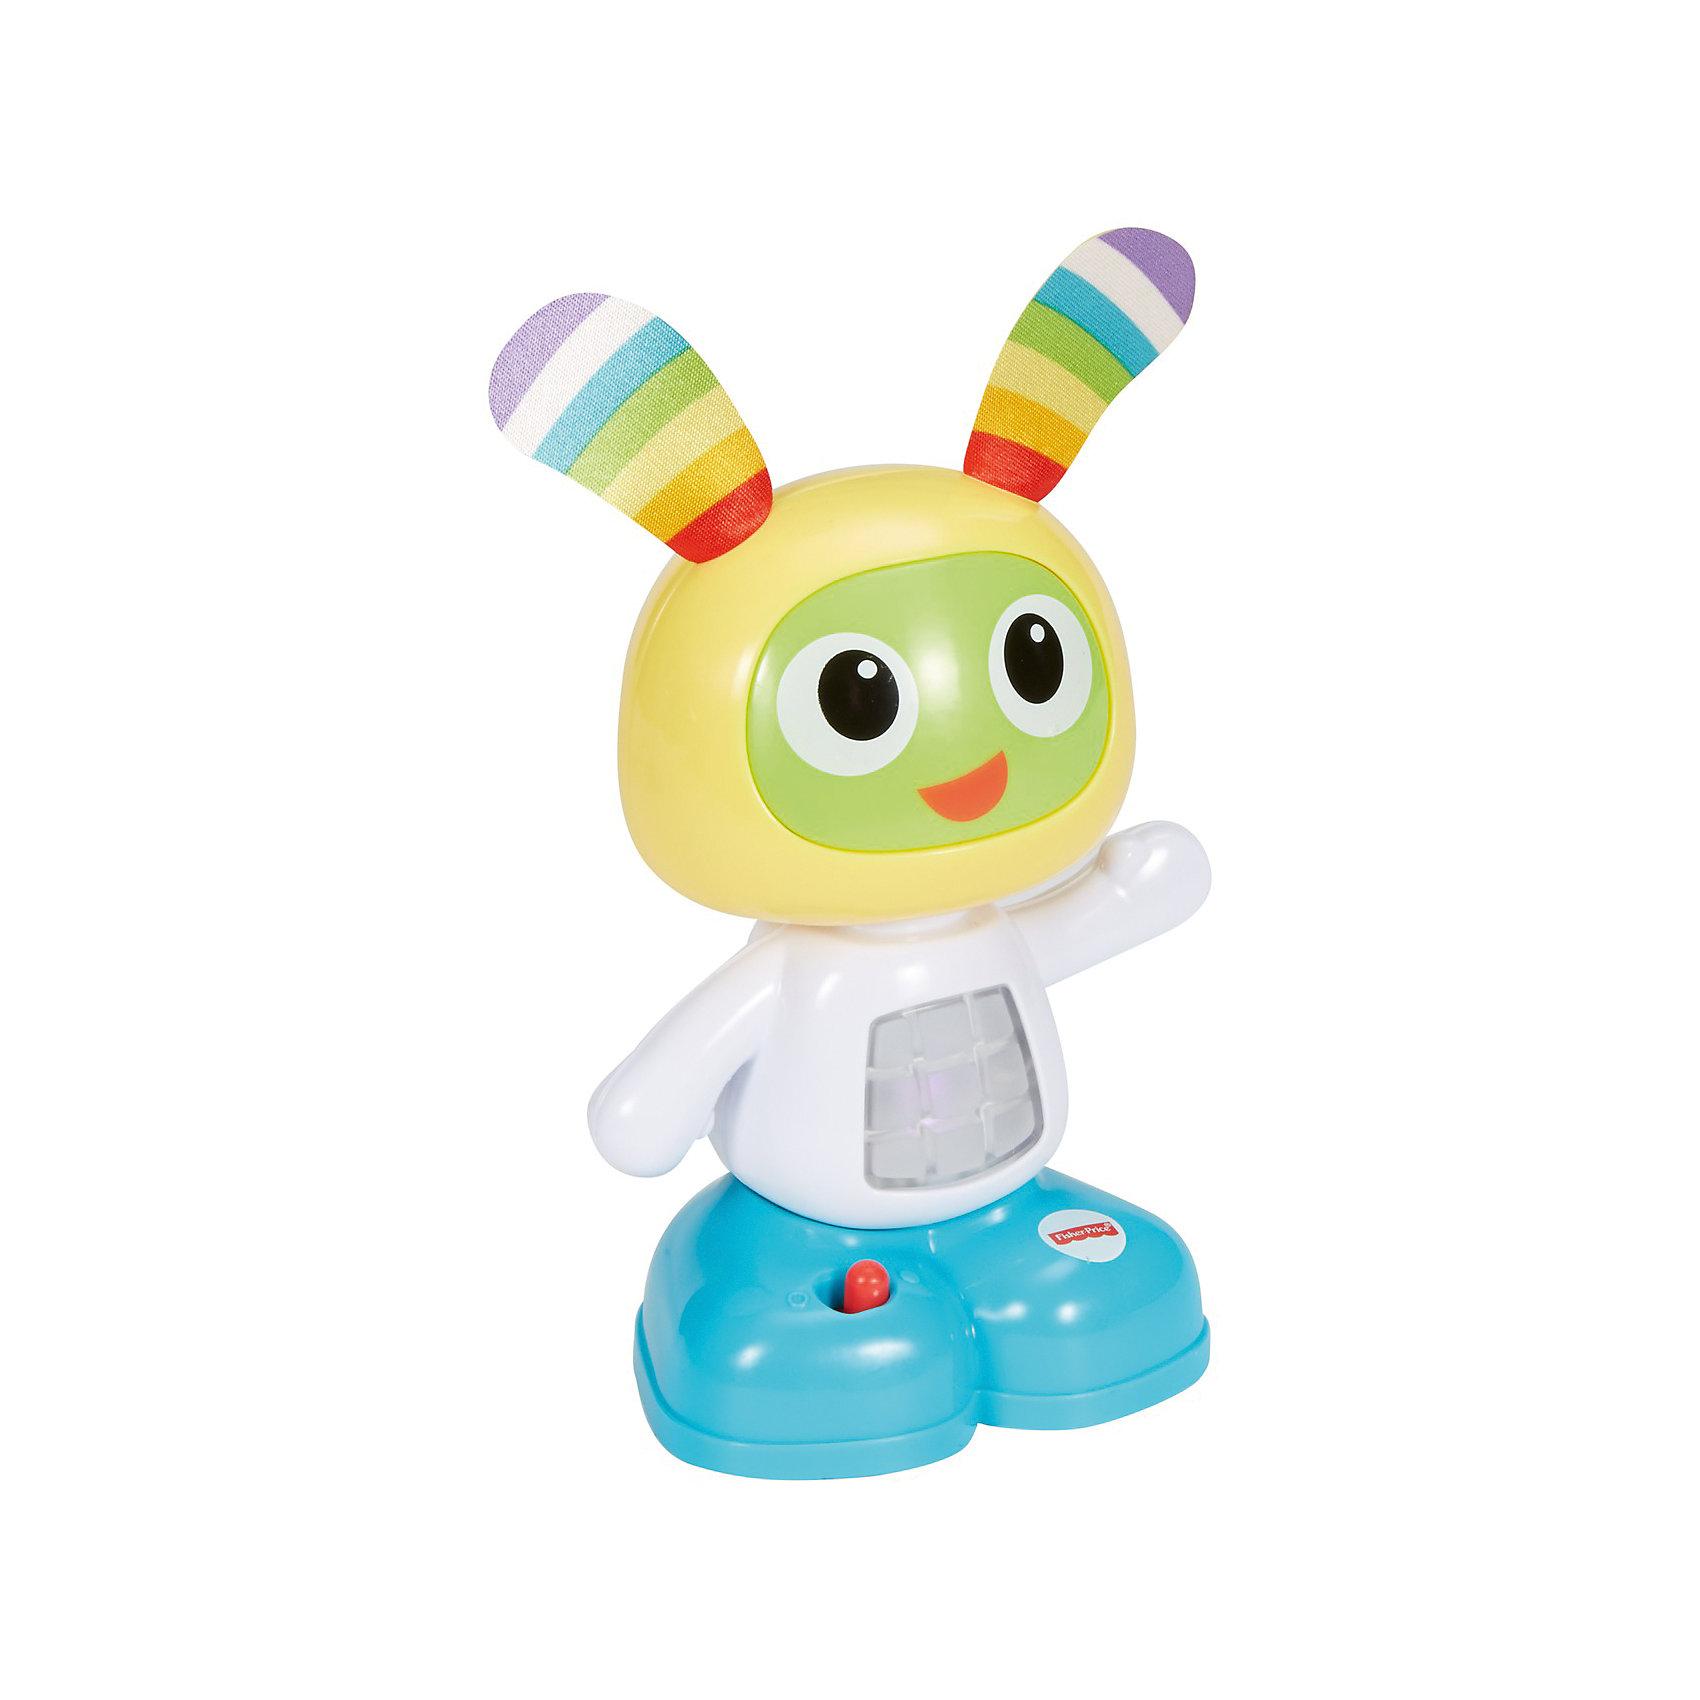 Мини-игрушка Бибо, Fisher PriceРазвивающие игрушки<br>Мини-игрушка Бибо, Fisher Price (Фишер Прайс).<br><br>Характеристики:<br><br>• Высота: 15 см.<br>• Материал: пластик, металл<br>• Батарейки: 2хААА / LR0.3 1,5V (в комплект не входят)<br><br>Обучающая мини-игрушка Бибо от торговой марки Fisher-Price (Фишер Прайс), выполненная в виде забавного зайчика с веселой мордашкой и длинными ушками, привлечет внимание вашего малыша. Внутри игрушки есть звуковой и световой модули, активировать которые можно нажав на покачивающуюся голову. Бибо обучит вашего малыша новым фразам, мелодиям и веселым песенкам, под которые можно танцевать. <br><br>Игрушка поможет ребенку в развитии координации движений, моторных навыков, музыкального и слухового восприятия. С Бибо ваш малыш не заскучает и сможет придумать множество веселых игр и занятий. Игрушка изготовлена из качественного пластика, благодаря чему ей не страшны удары и падения.<br><br>Мини-игрушку Бибо, Fisher Price (Фишер Прайс) можно купить в нашем интернет-магазине.<br><br>Ширина мм: 105<br>Глубина мм: 70<br>Высота мм: 160<br>Вес г: 273<br>Возраст от месяцев: 72<br>Возраст до месяцев: 432<br>Пол: Унисекс<br>Возраст: Детский<br>SKU: 5440294